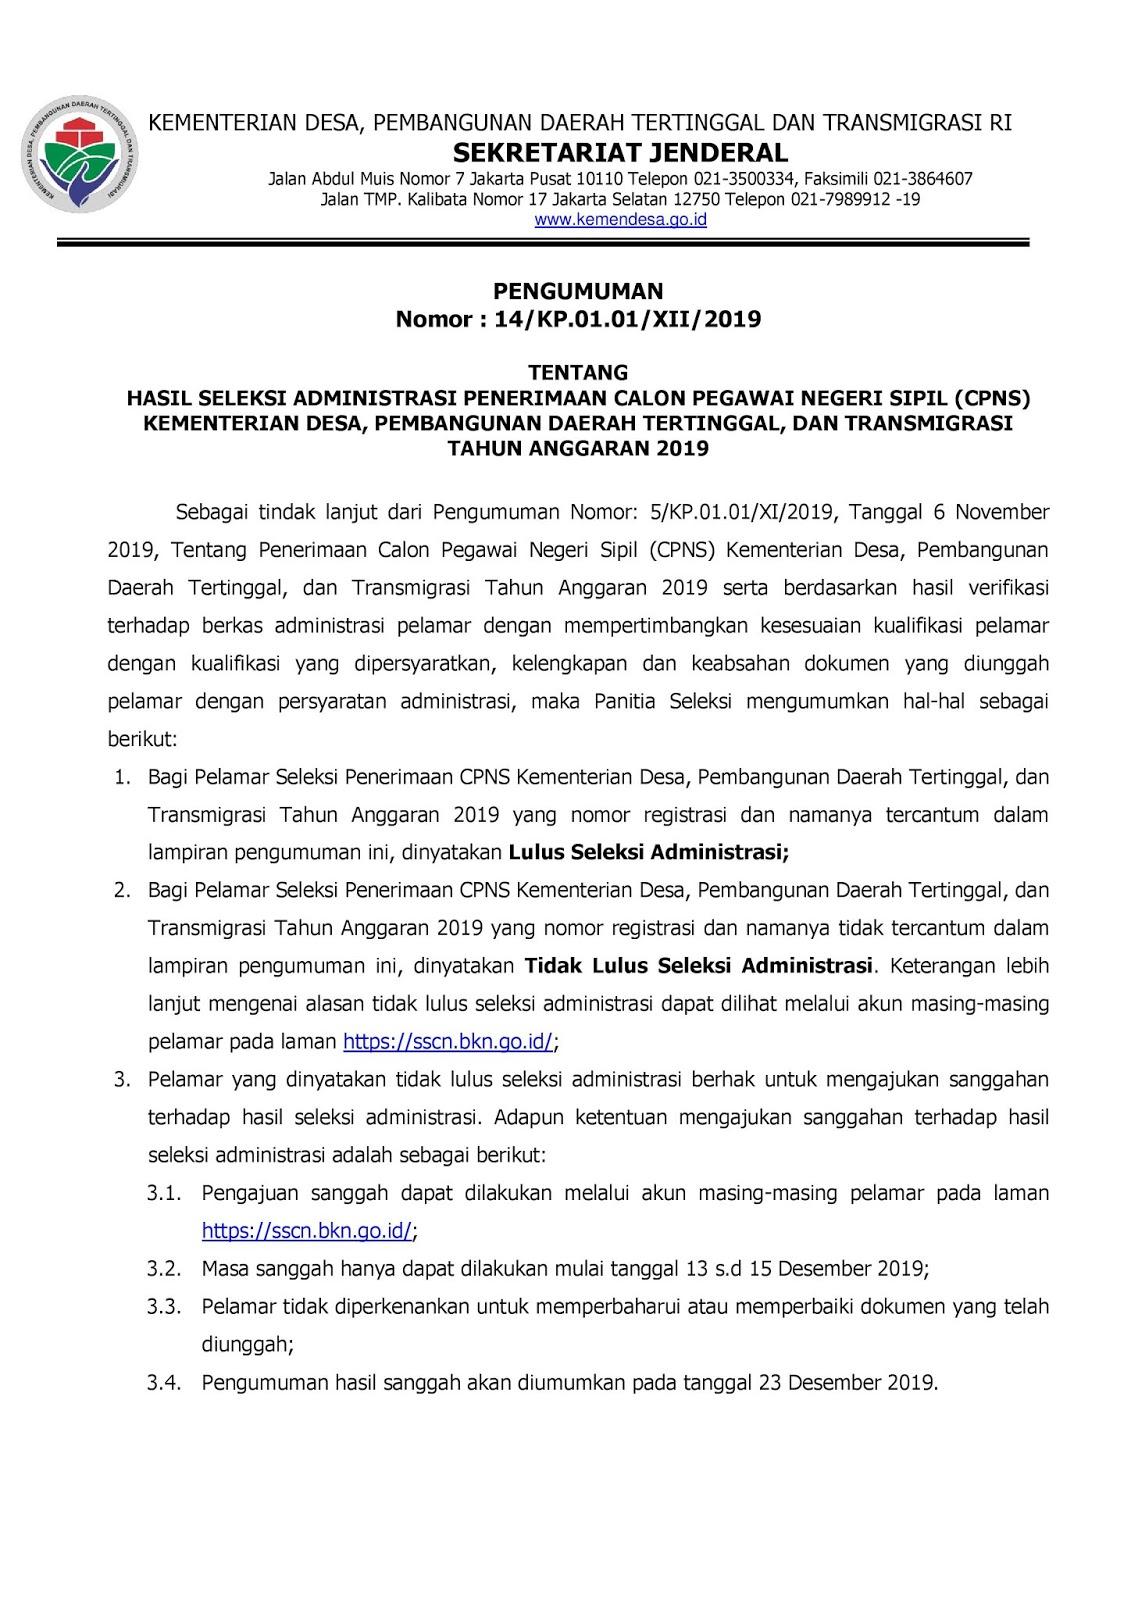 Hasil Seleksi CPNS Kemendesa [Kementerian Desa, Pembangunan Daerah Tertinggal, dan Transmigrasi] Tahun Anggaran 2019